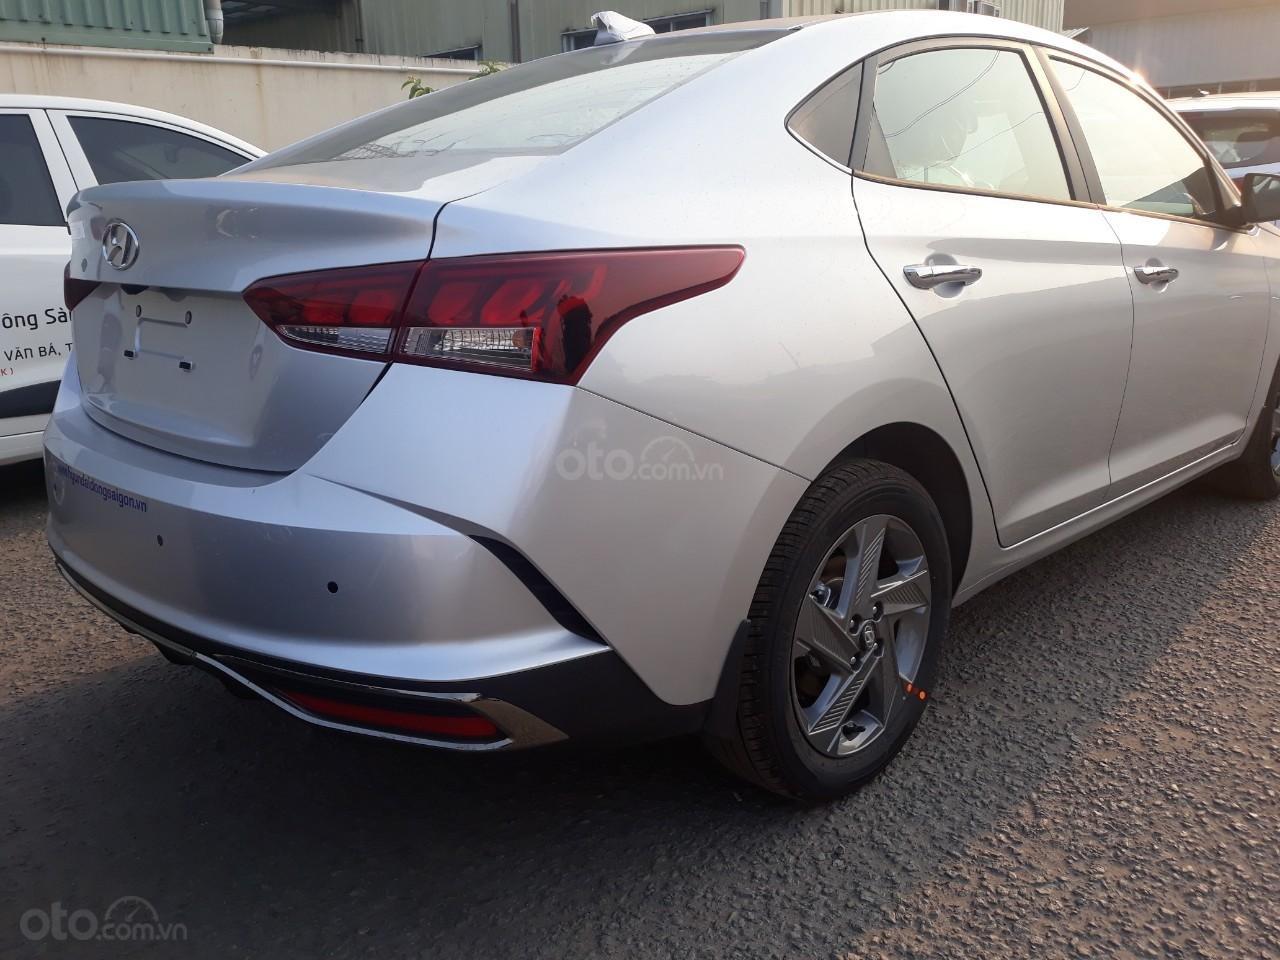 Hyundai Accent 1.4AT đặc biệt năm 2021 (2)